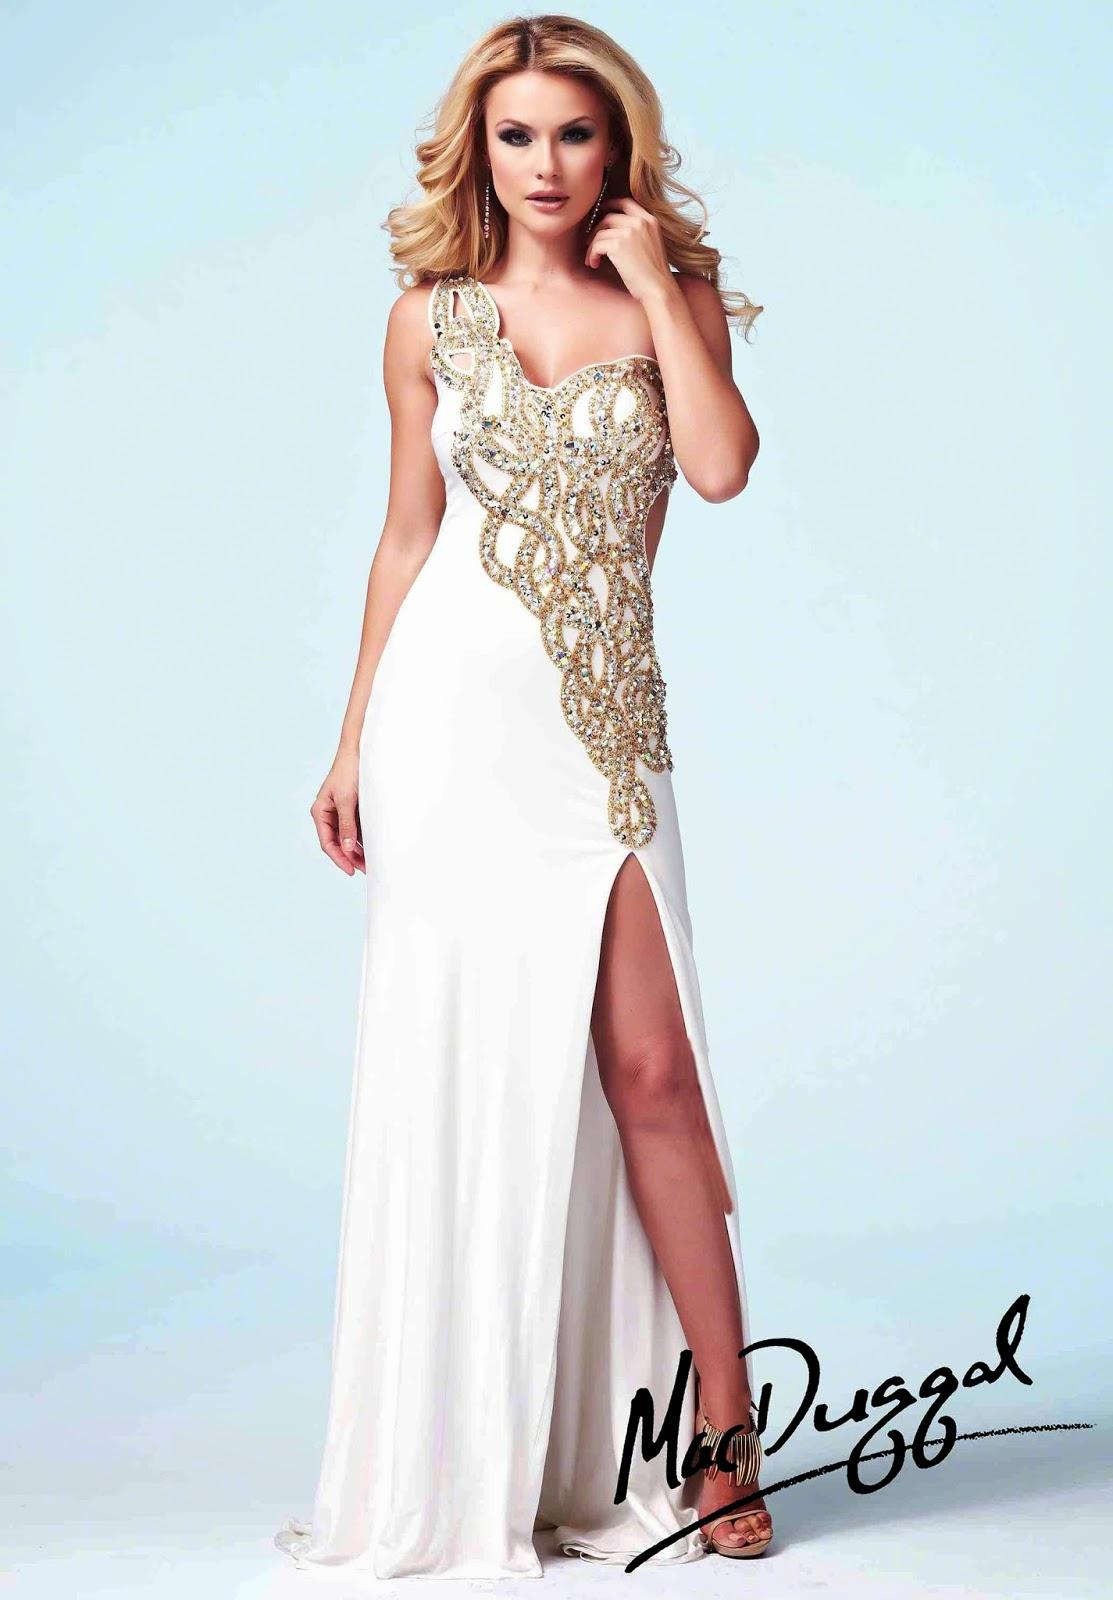 Espectaculares vestidos de gala elegantes